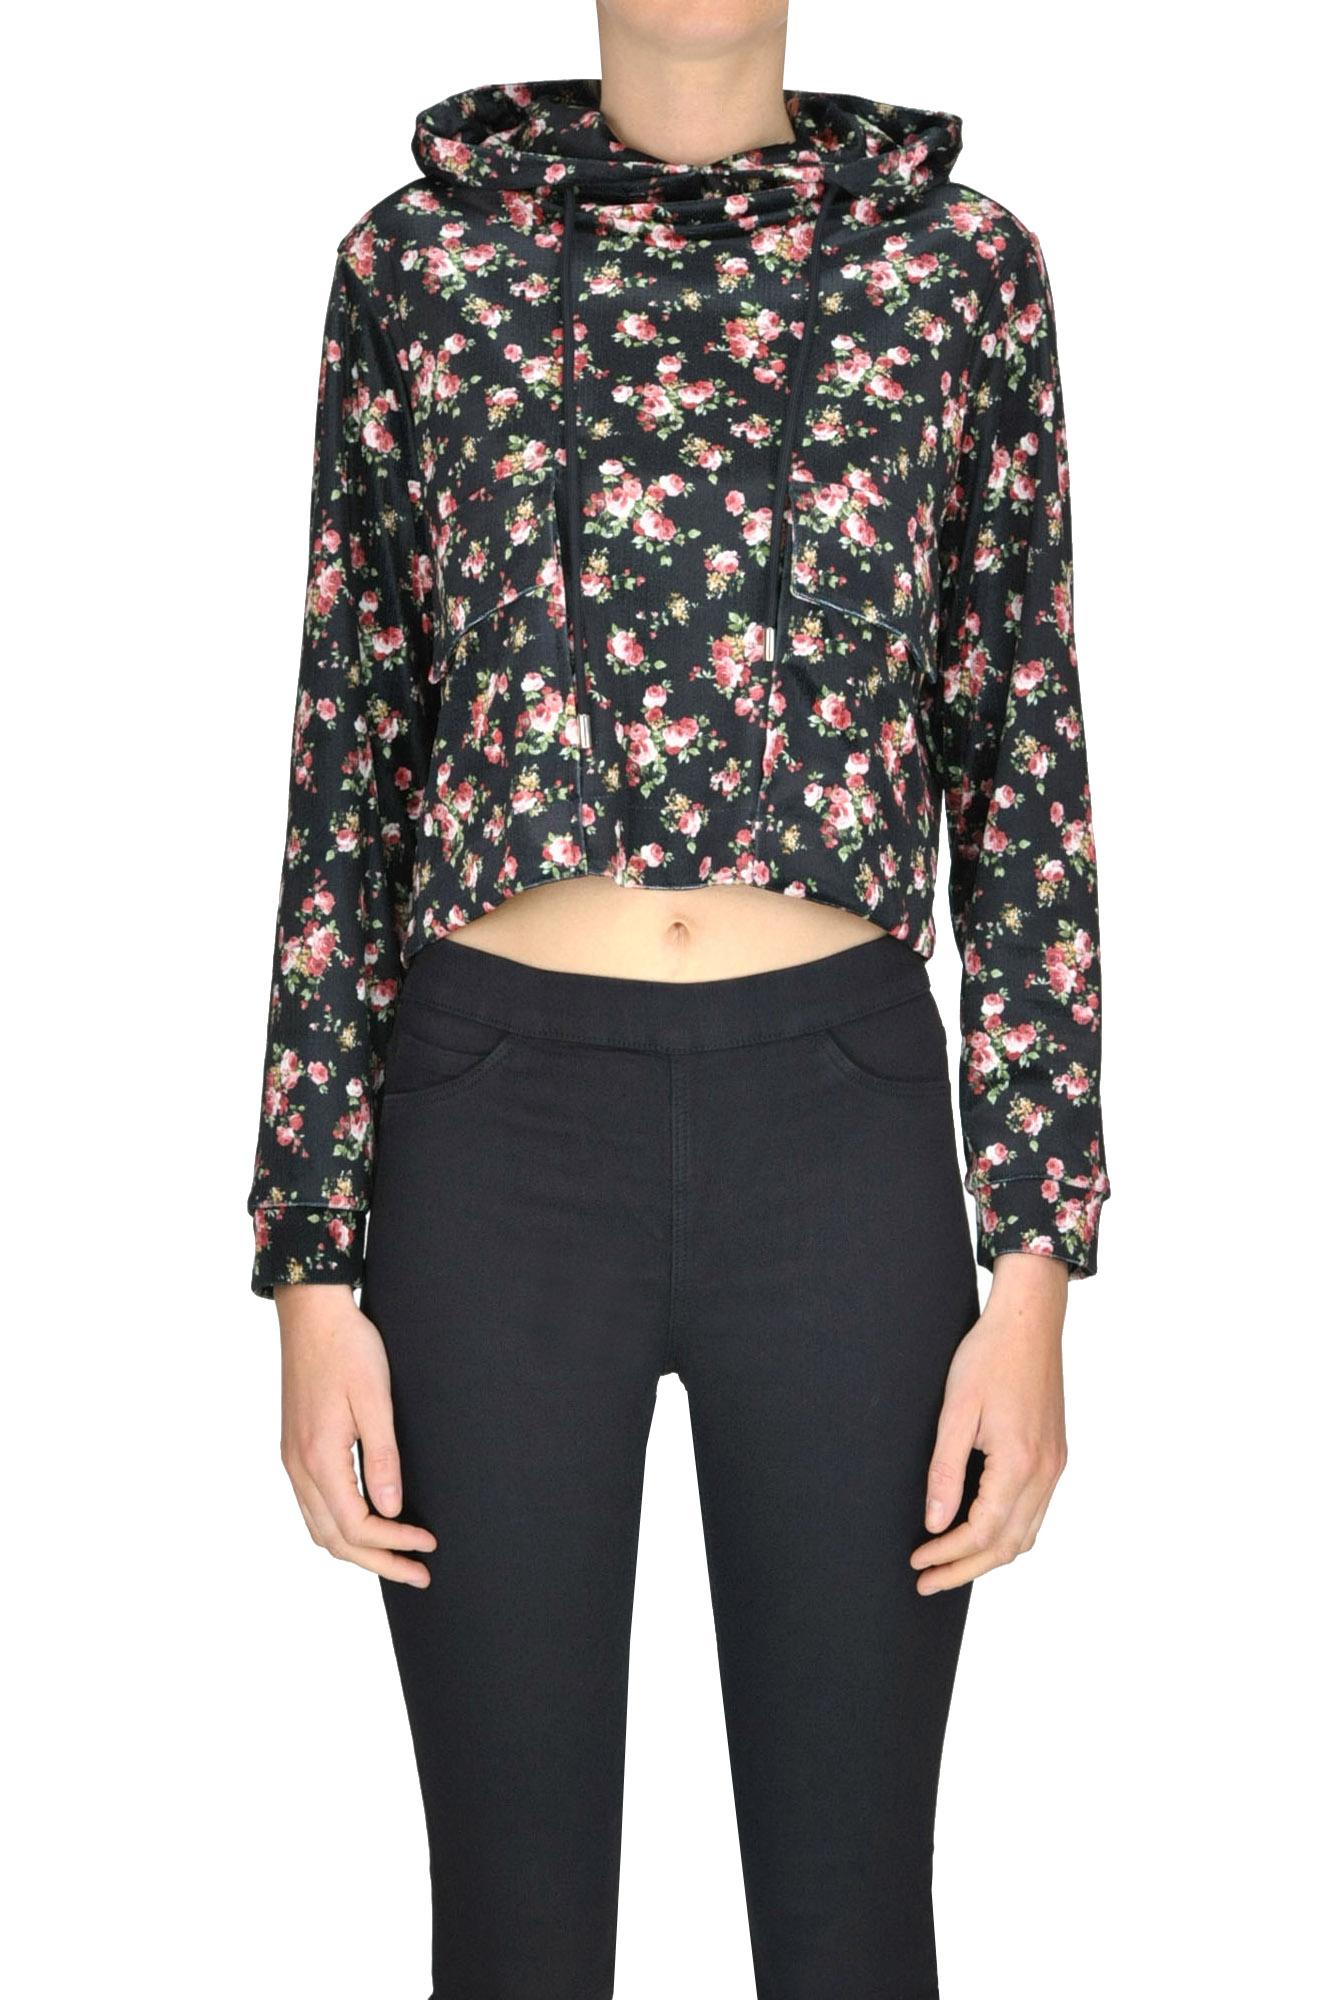 GAELLE PARIS Cropped Velvet Sweatshirt in Black